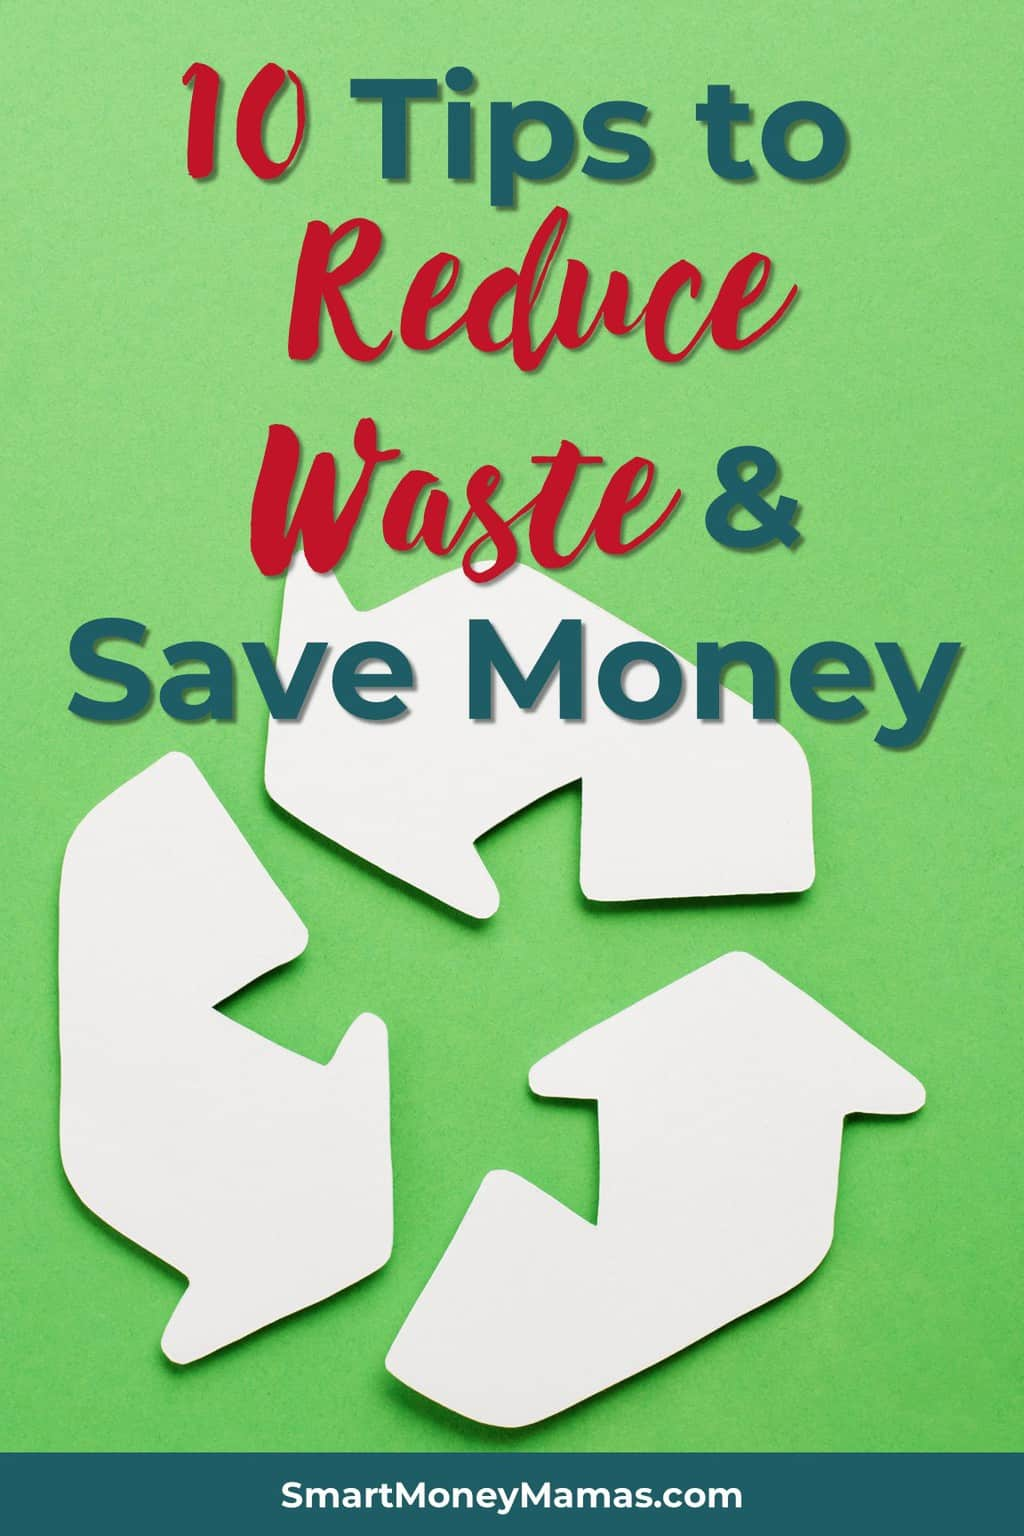 10 Ways to Reduce Waste 🗑️ & Save Money 💰